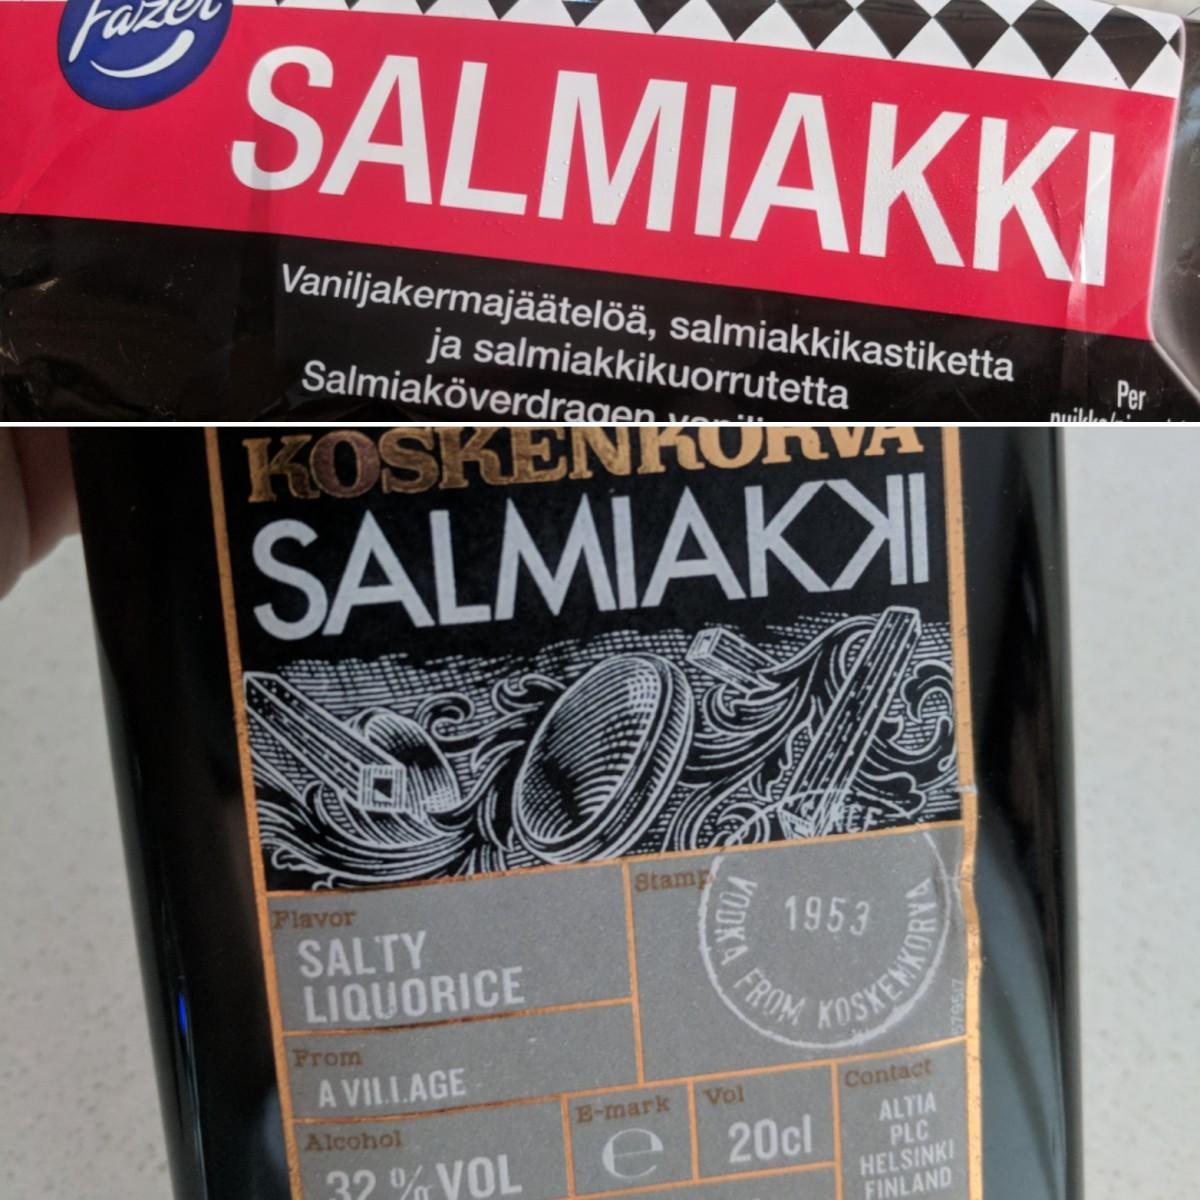 Salmiakki ice cream bar and liqueur.